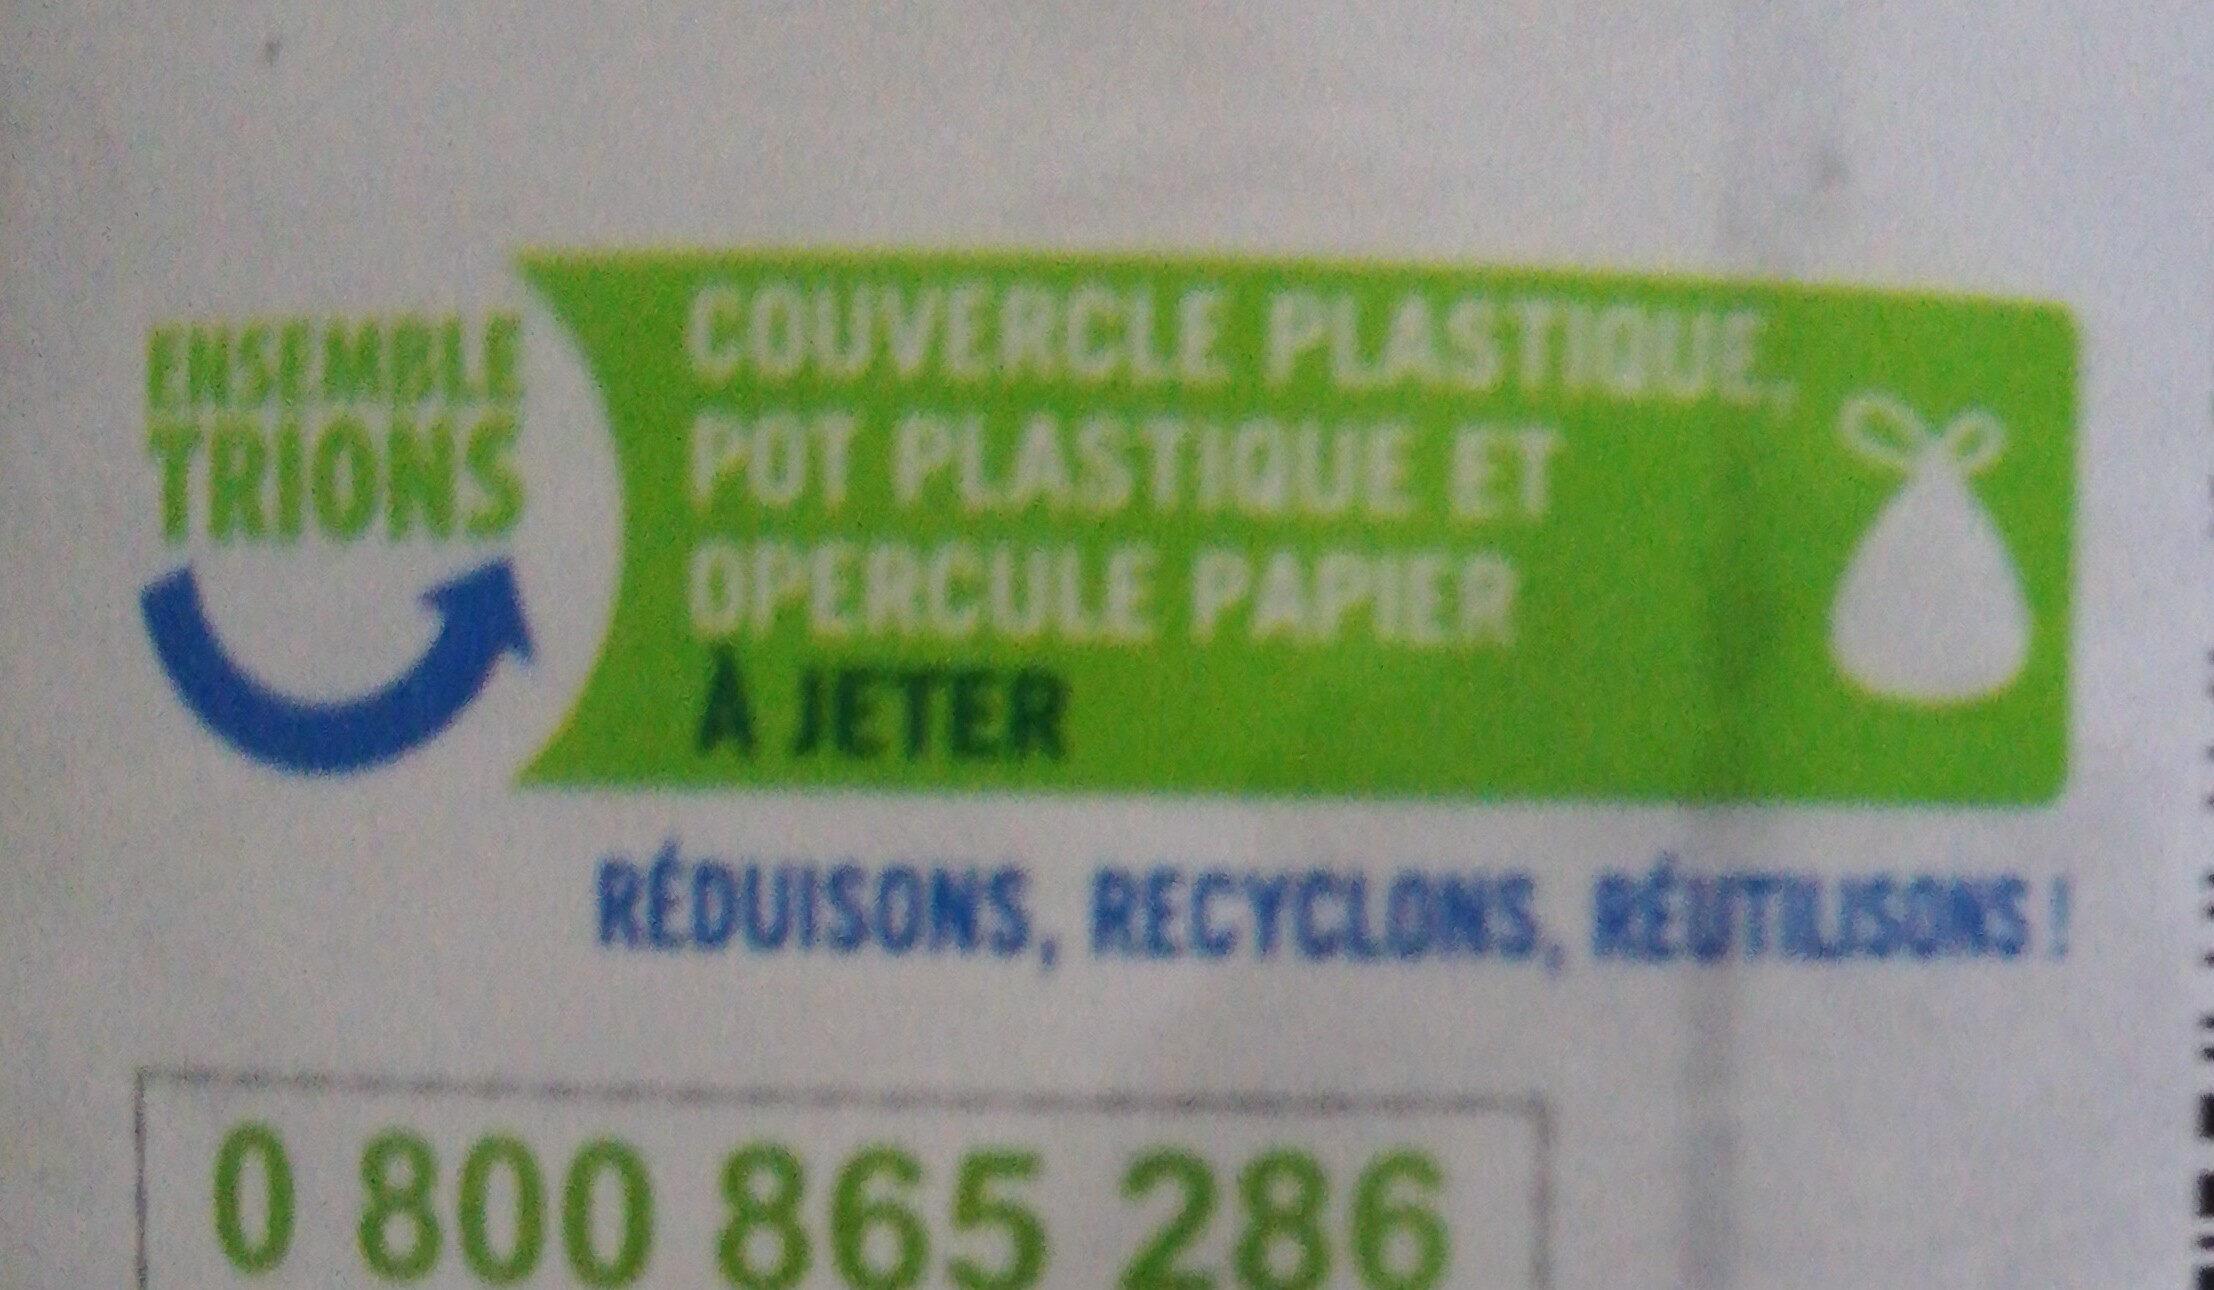 Pâte à tartiner aux noisettes - Instruction de recyclage et/ou informations d'emballage - fr